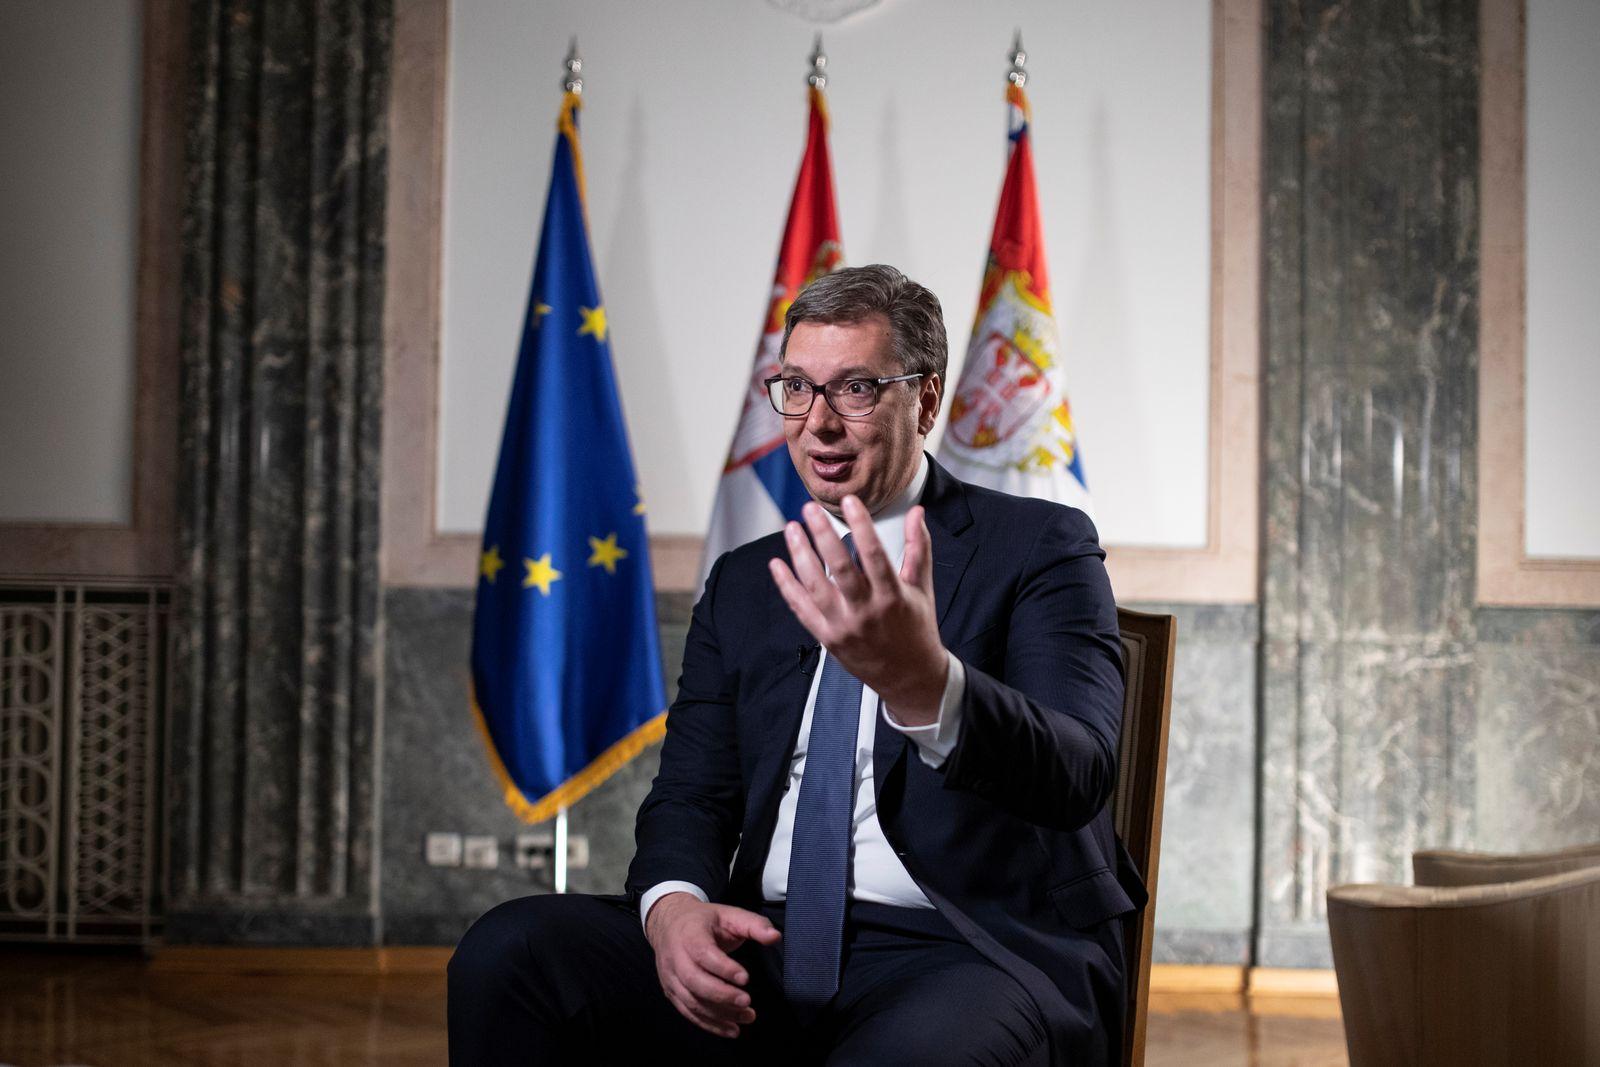 Serbian President Aleksandar Vucic attends an interview with Reuters in Belgrade